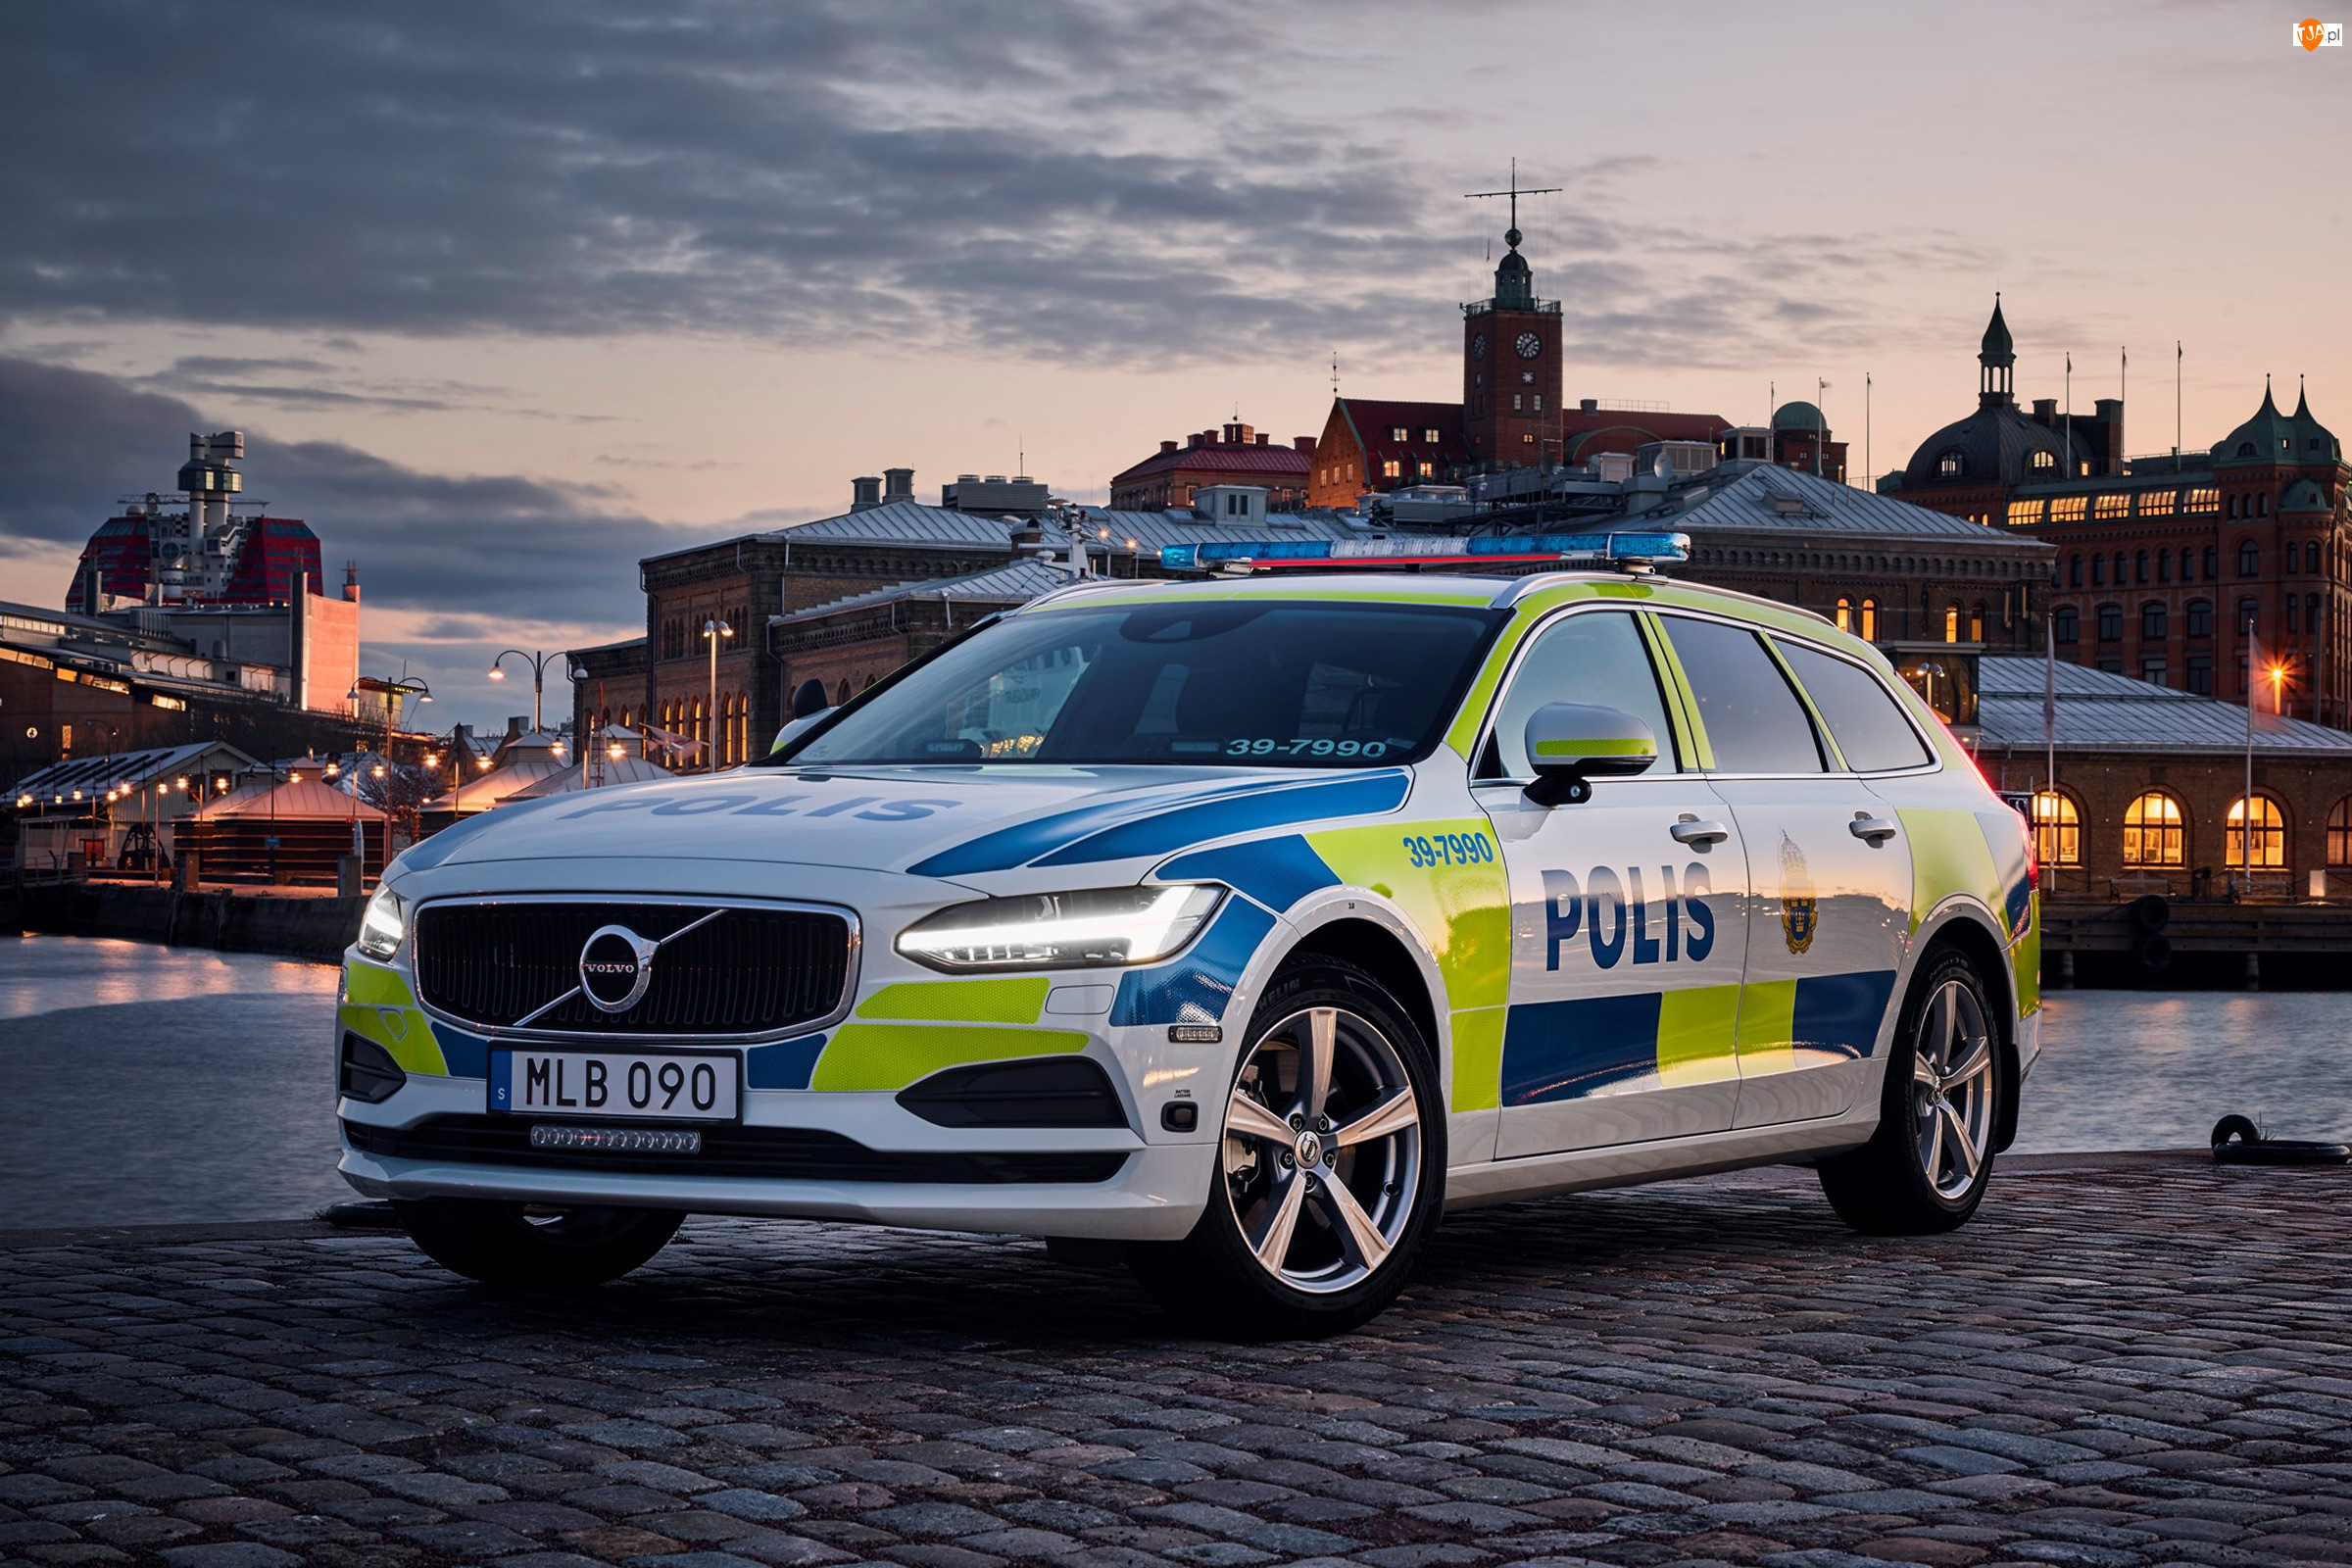 2016, Samochód policyjny, Volvo V90